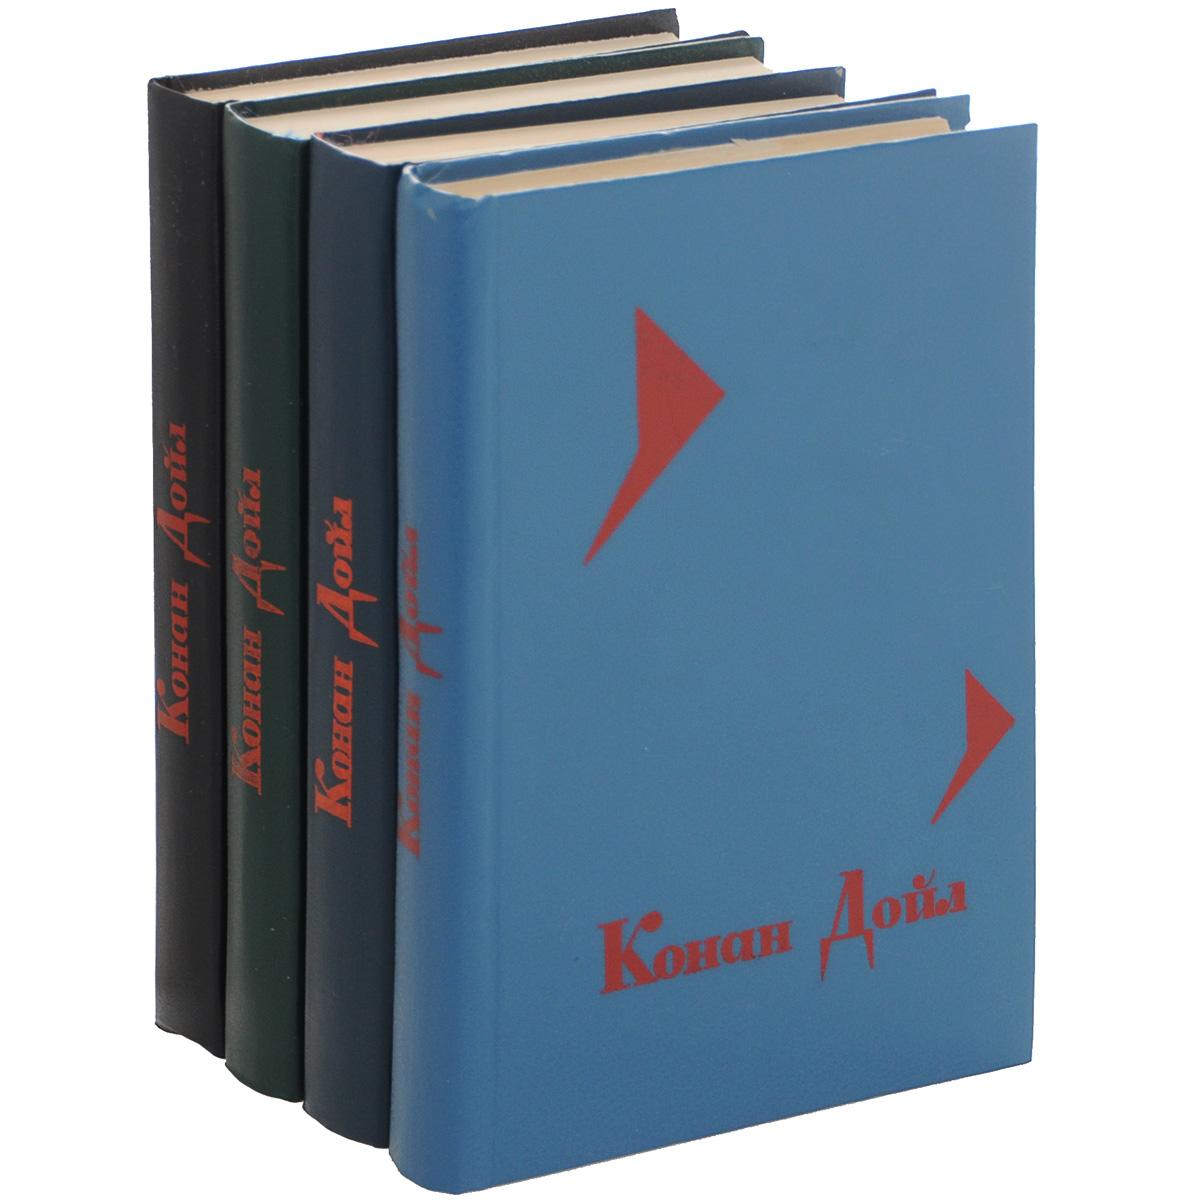 лучшая цена Артур Конан Дойл Артур Конан Дойл. Собрание сочинений. В 4 томах (комплект из 4 книг)